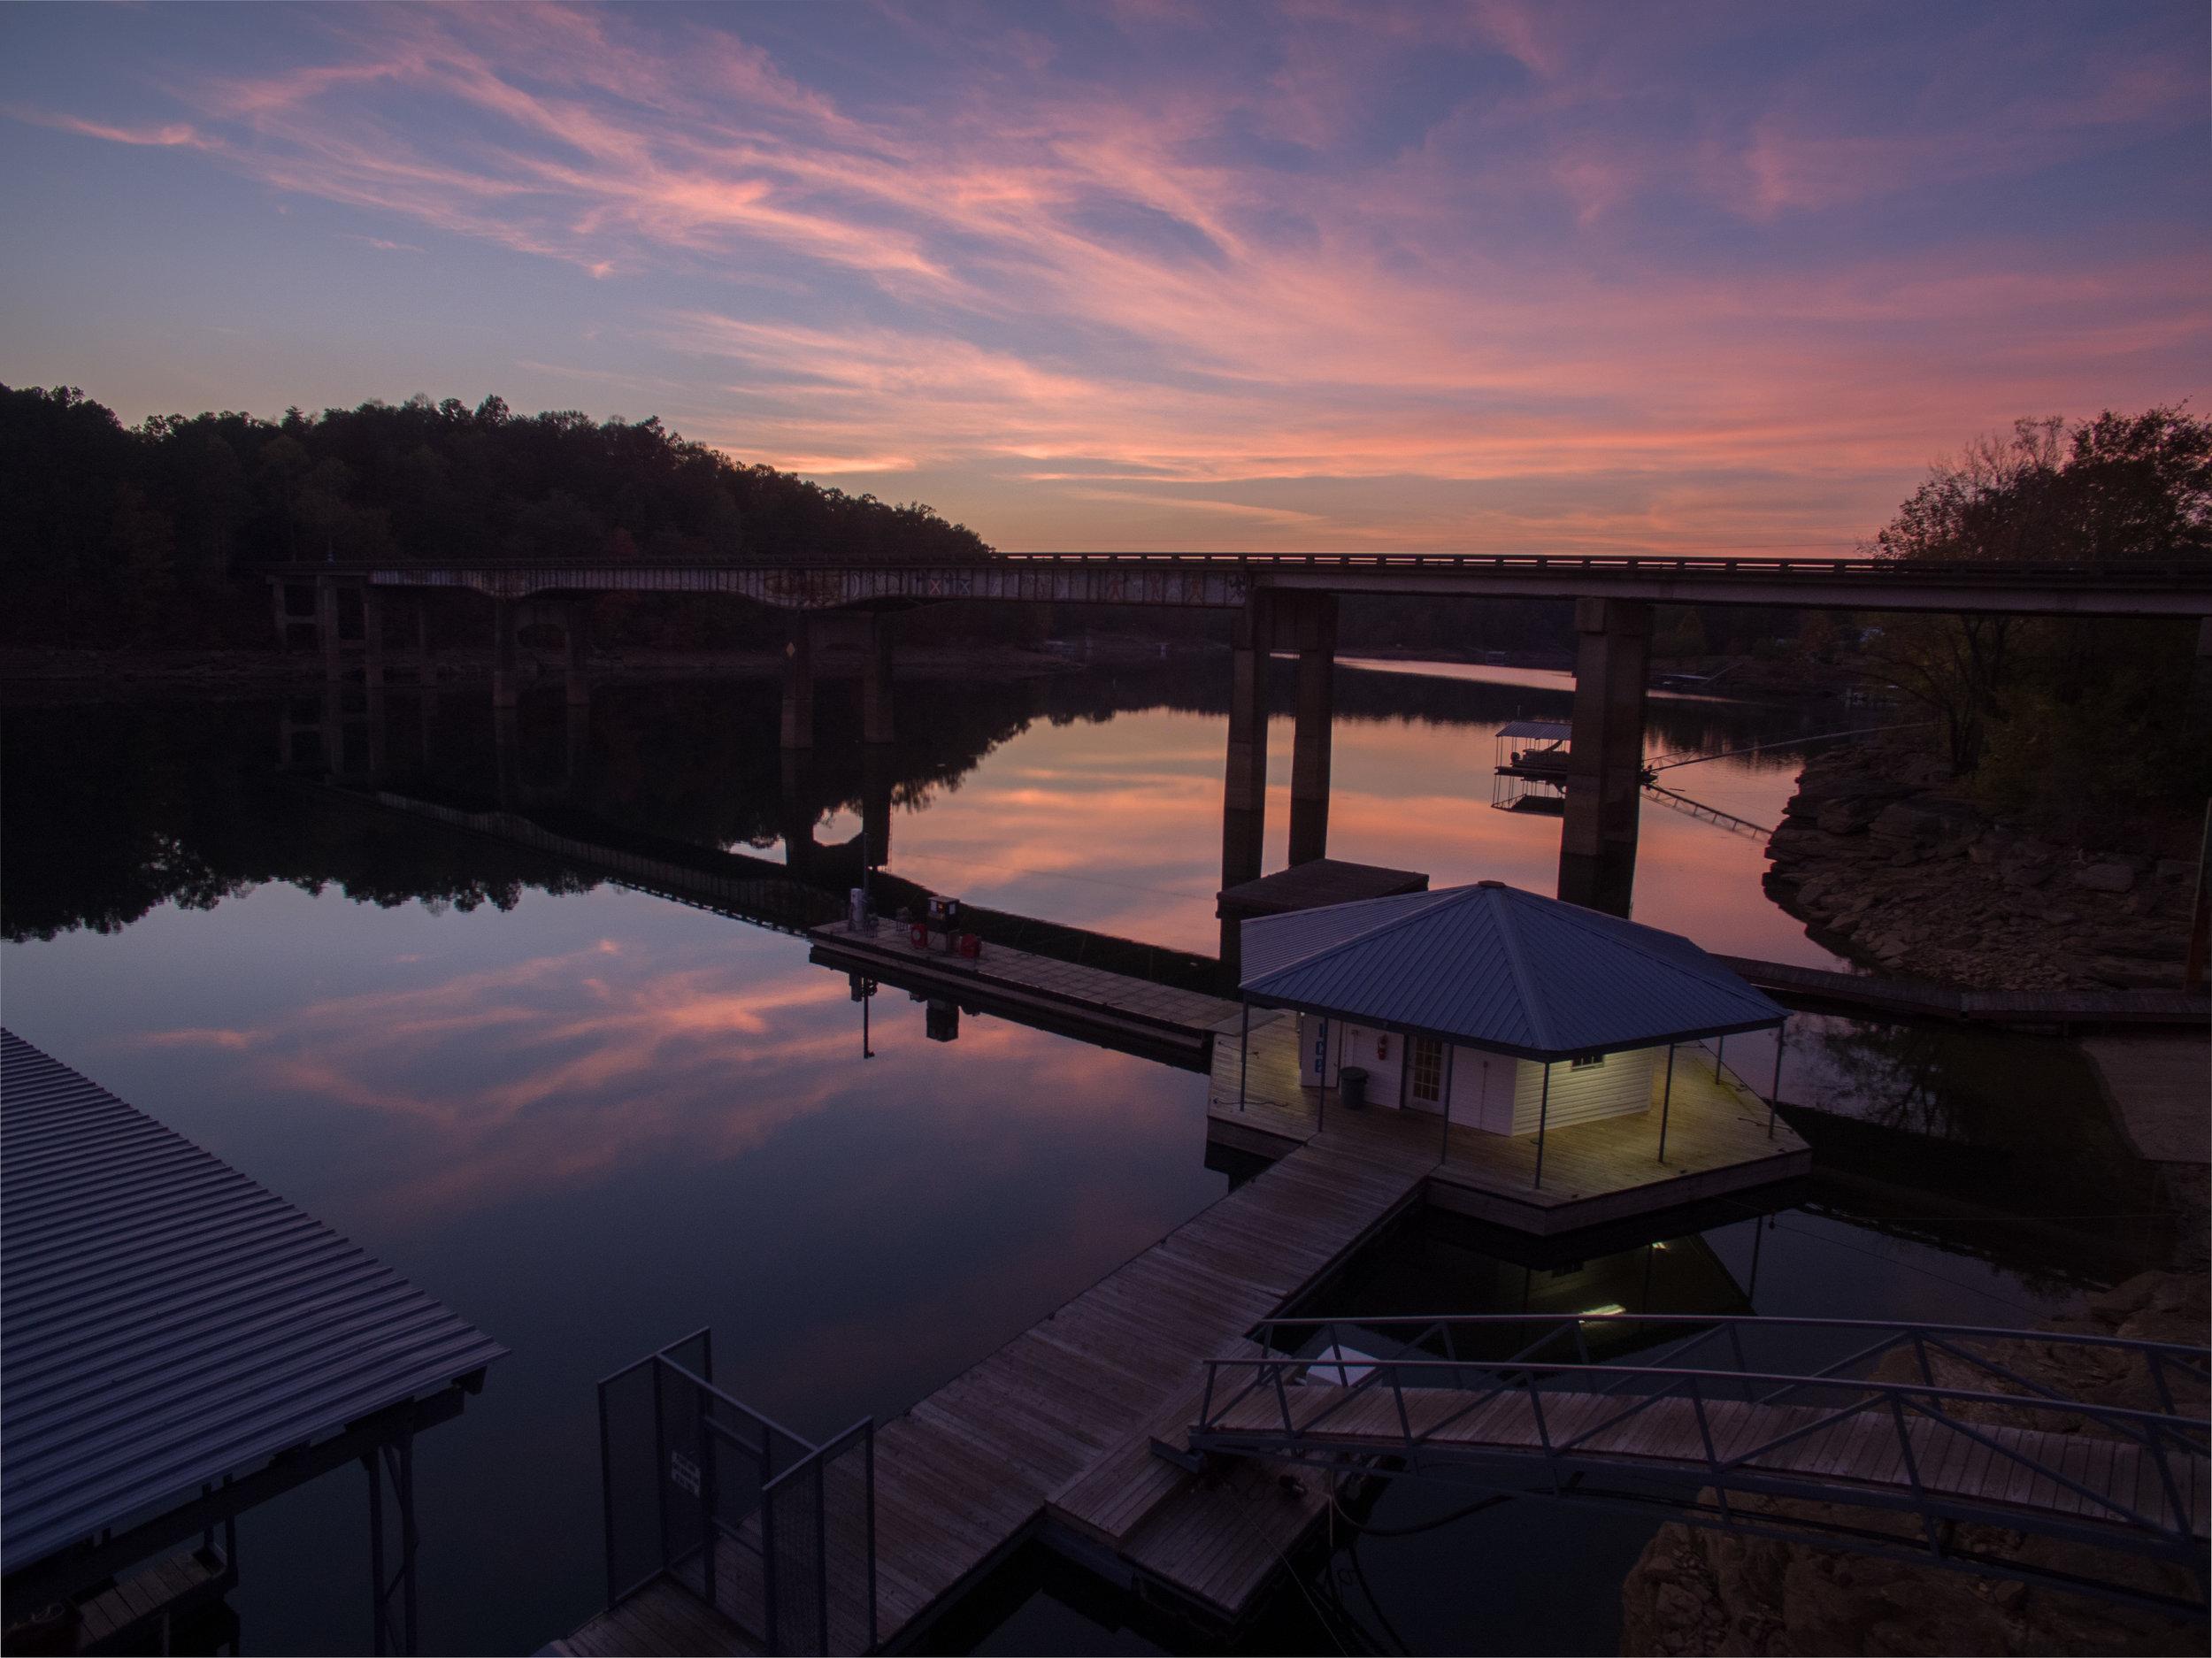 Big Bridge on Smith Lake